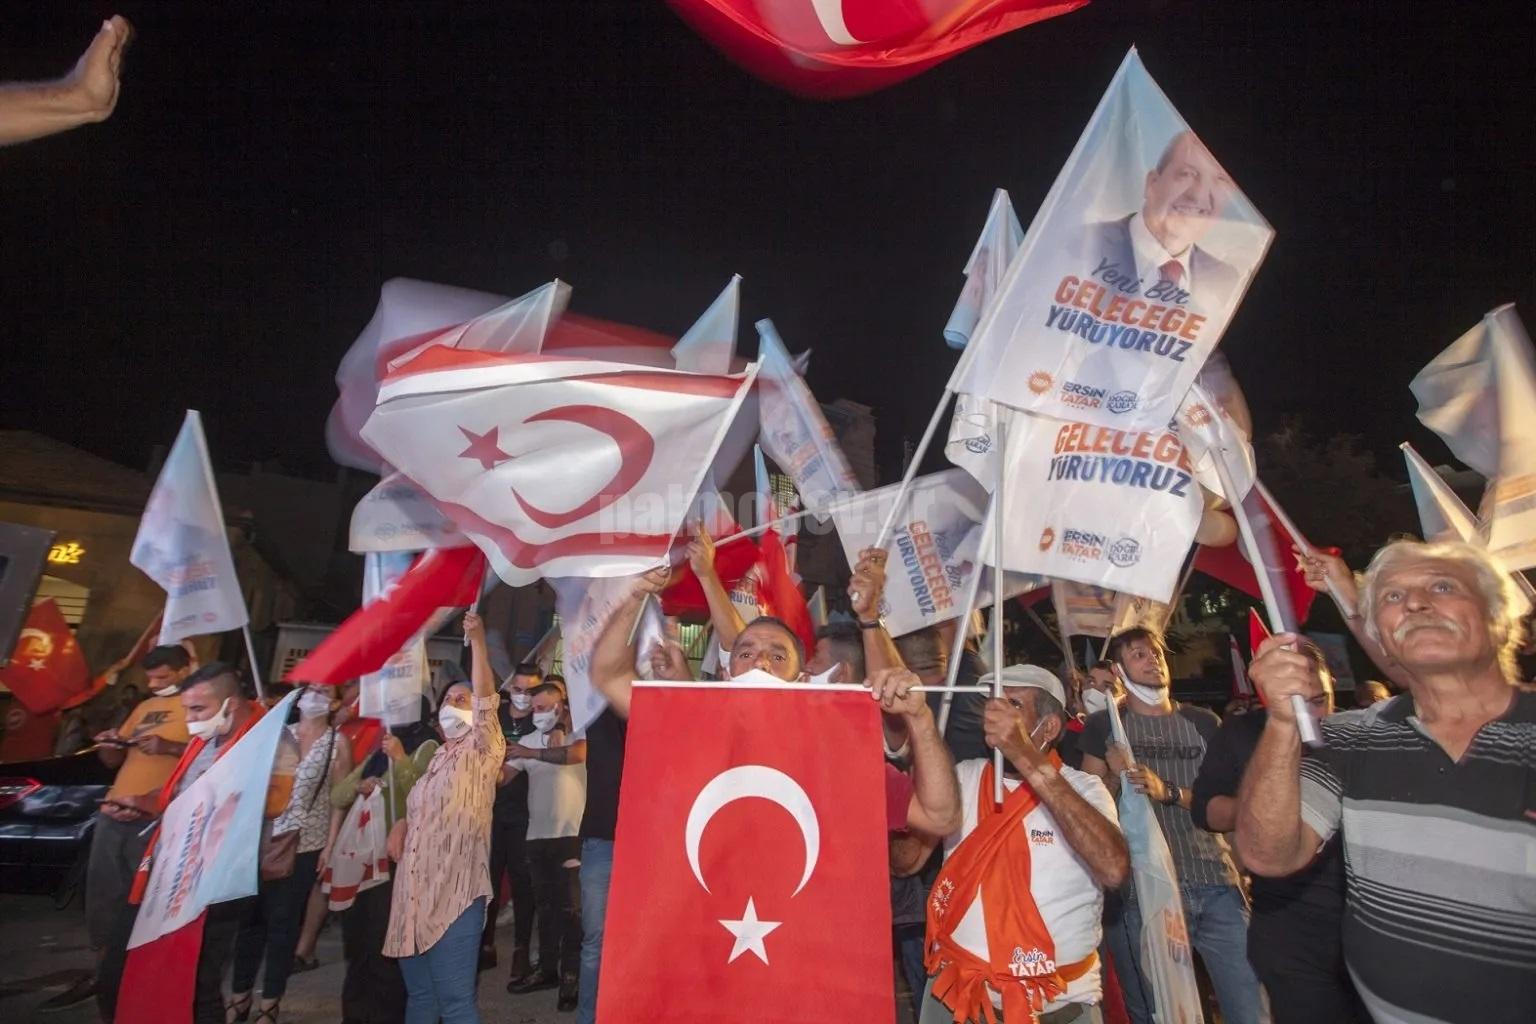 Απαιτείται πανστρατιά του Ελληνισμού καθώς ο Ερντογάν επιβάλλεται απόλυτα στην κατεχόμενη Κύπρο